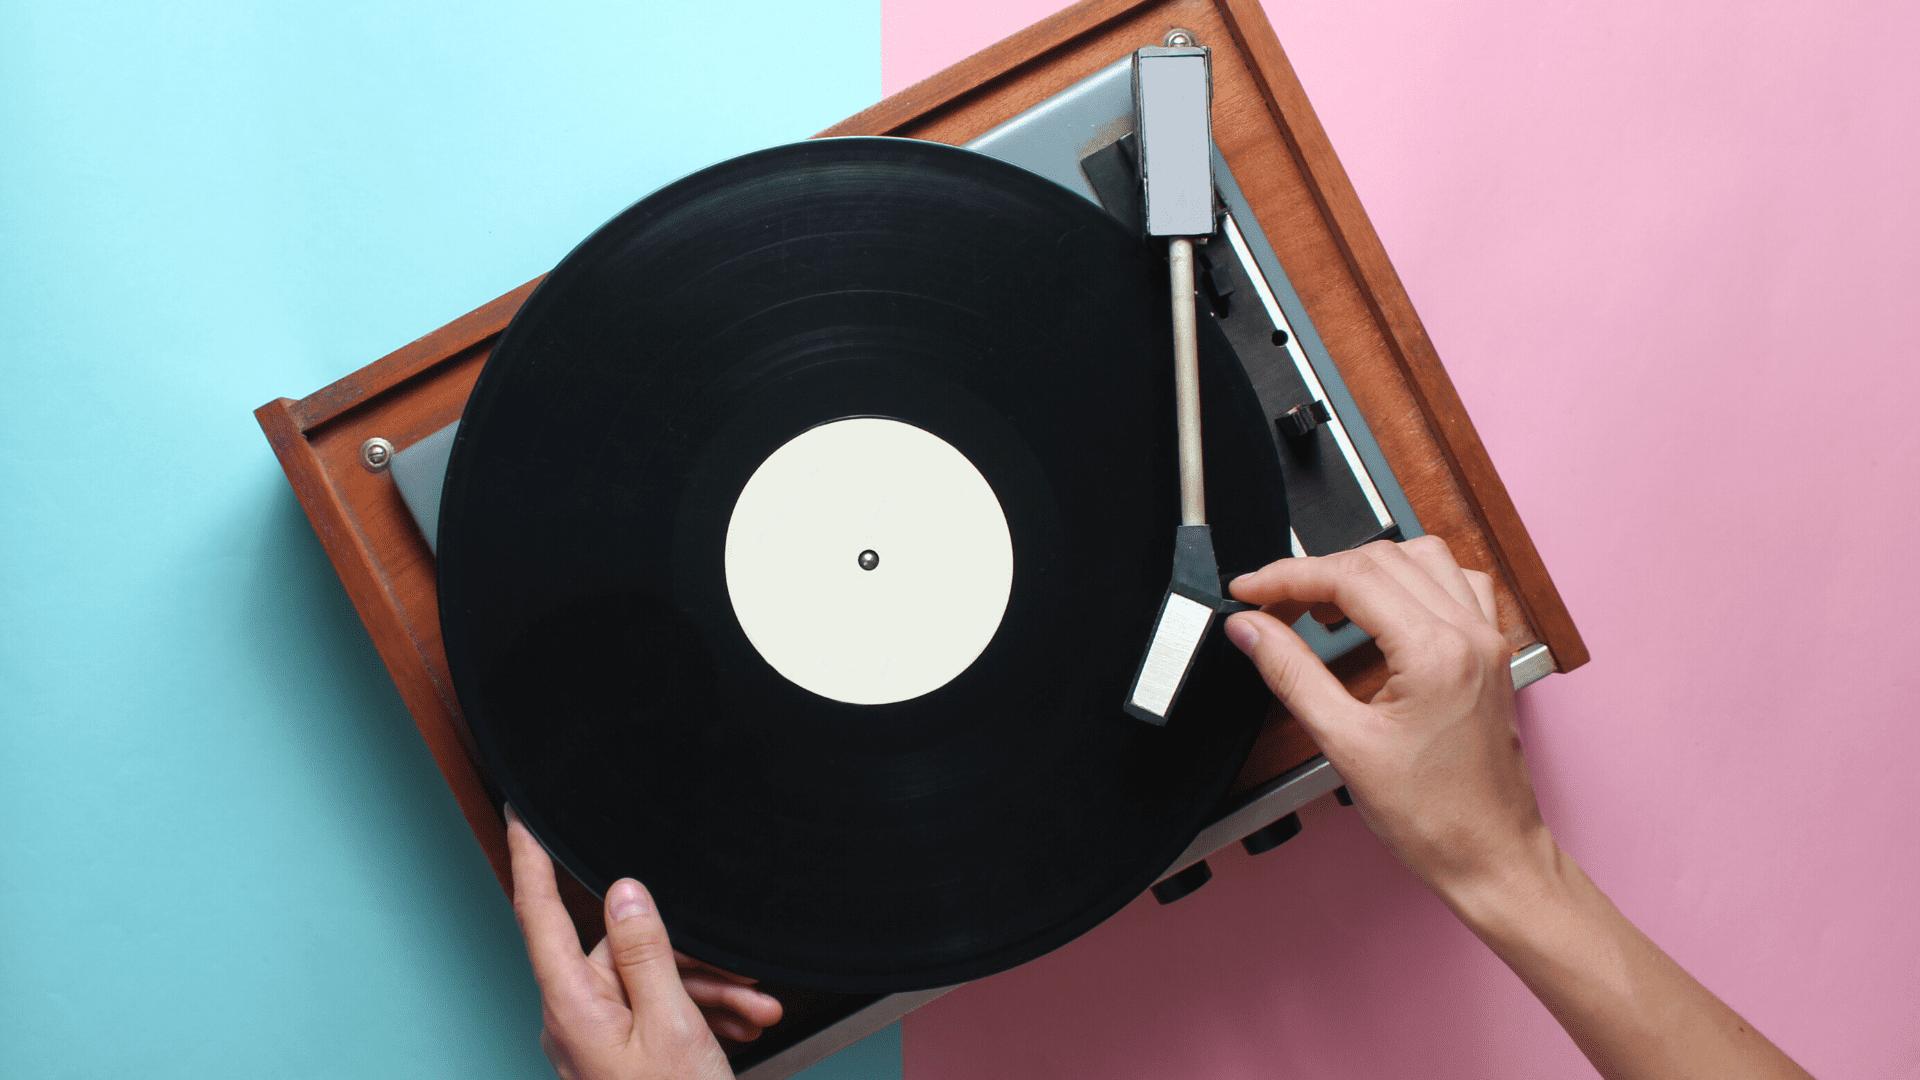 Veja a nossa seleção dos melhores toca-discos e vitrolas de 2021! (Imagem: Reprodução/Shutterstock)